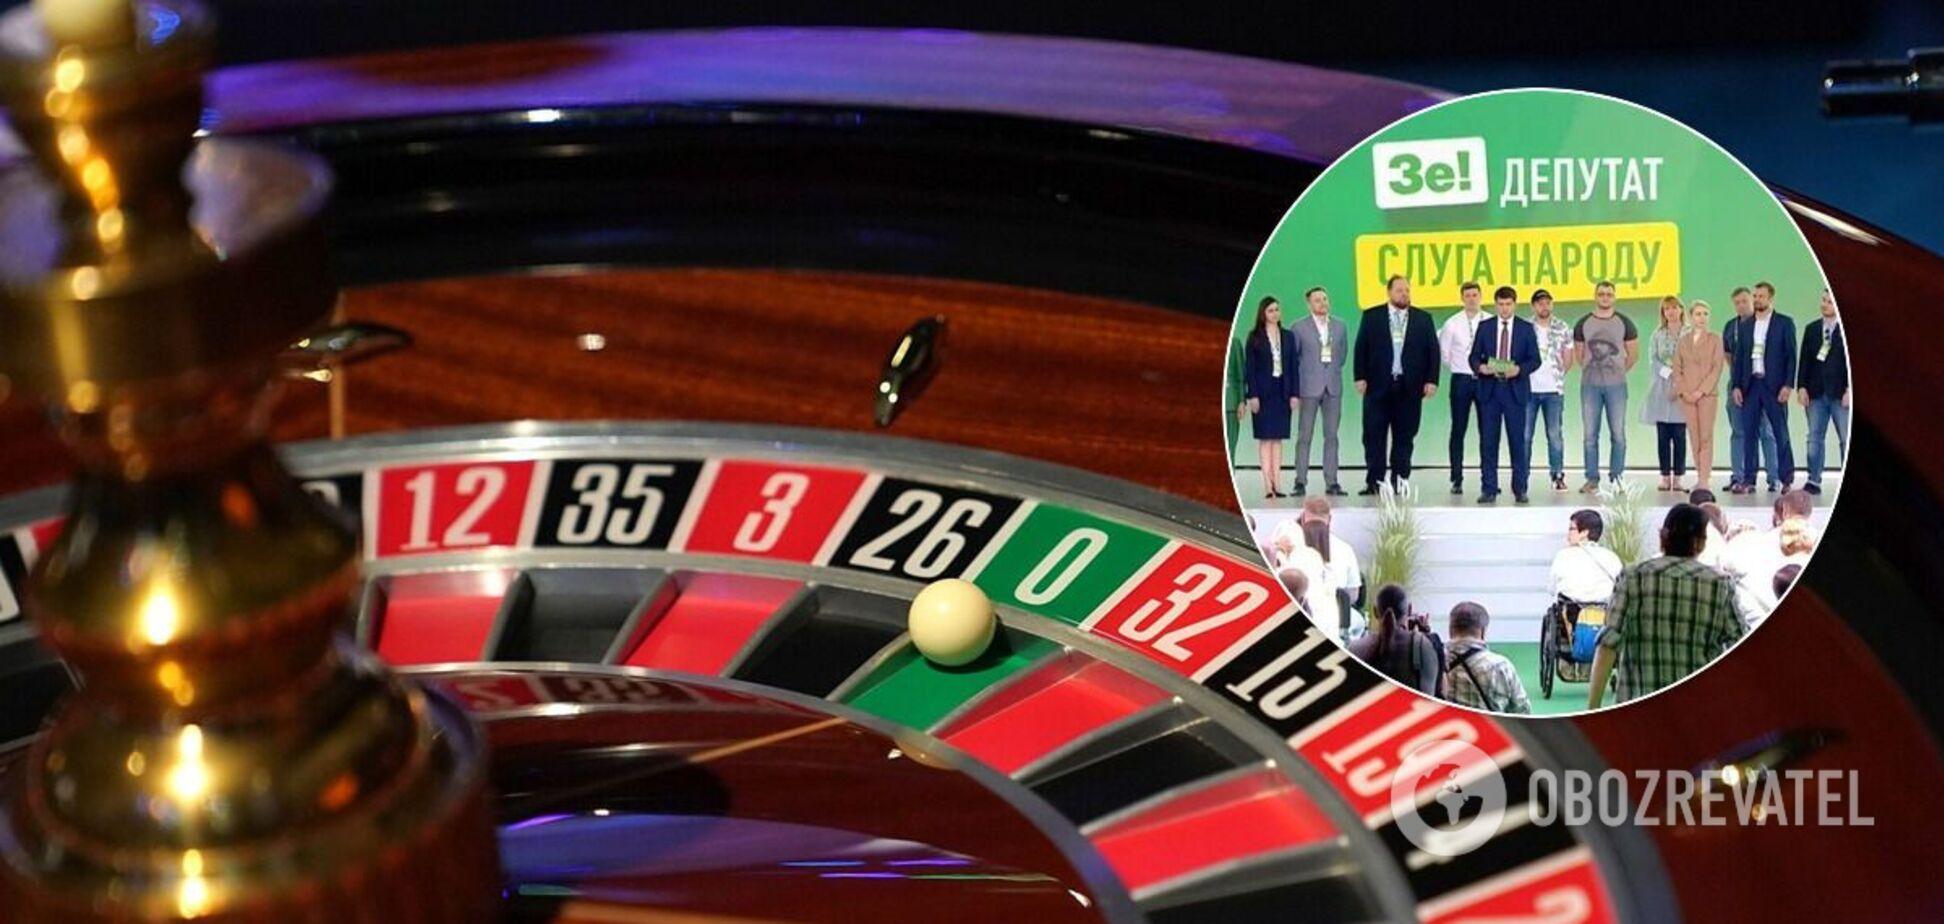 'Слуги народу' захотіли звільнити казино від податків на три роки